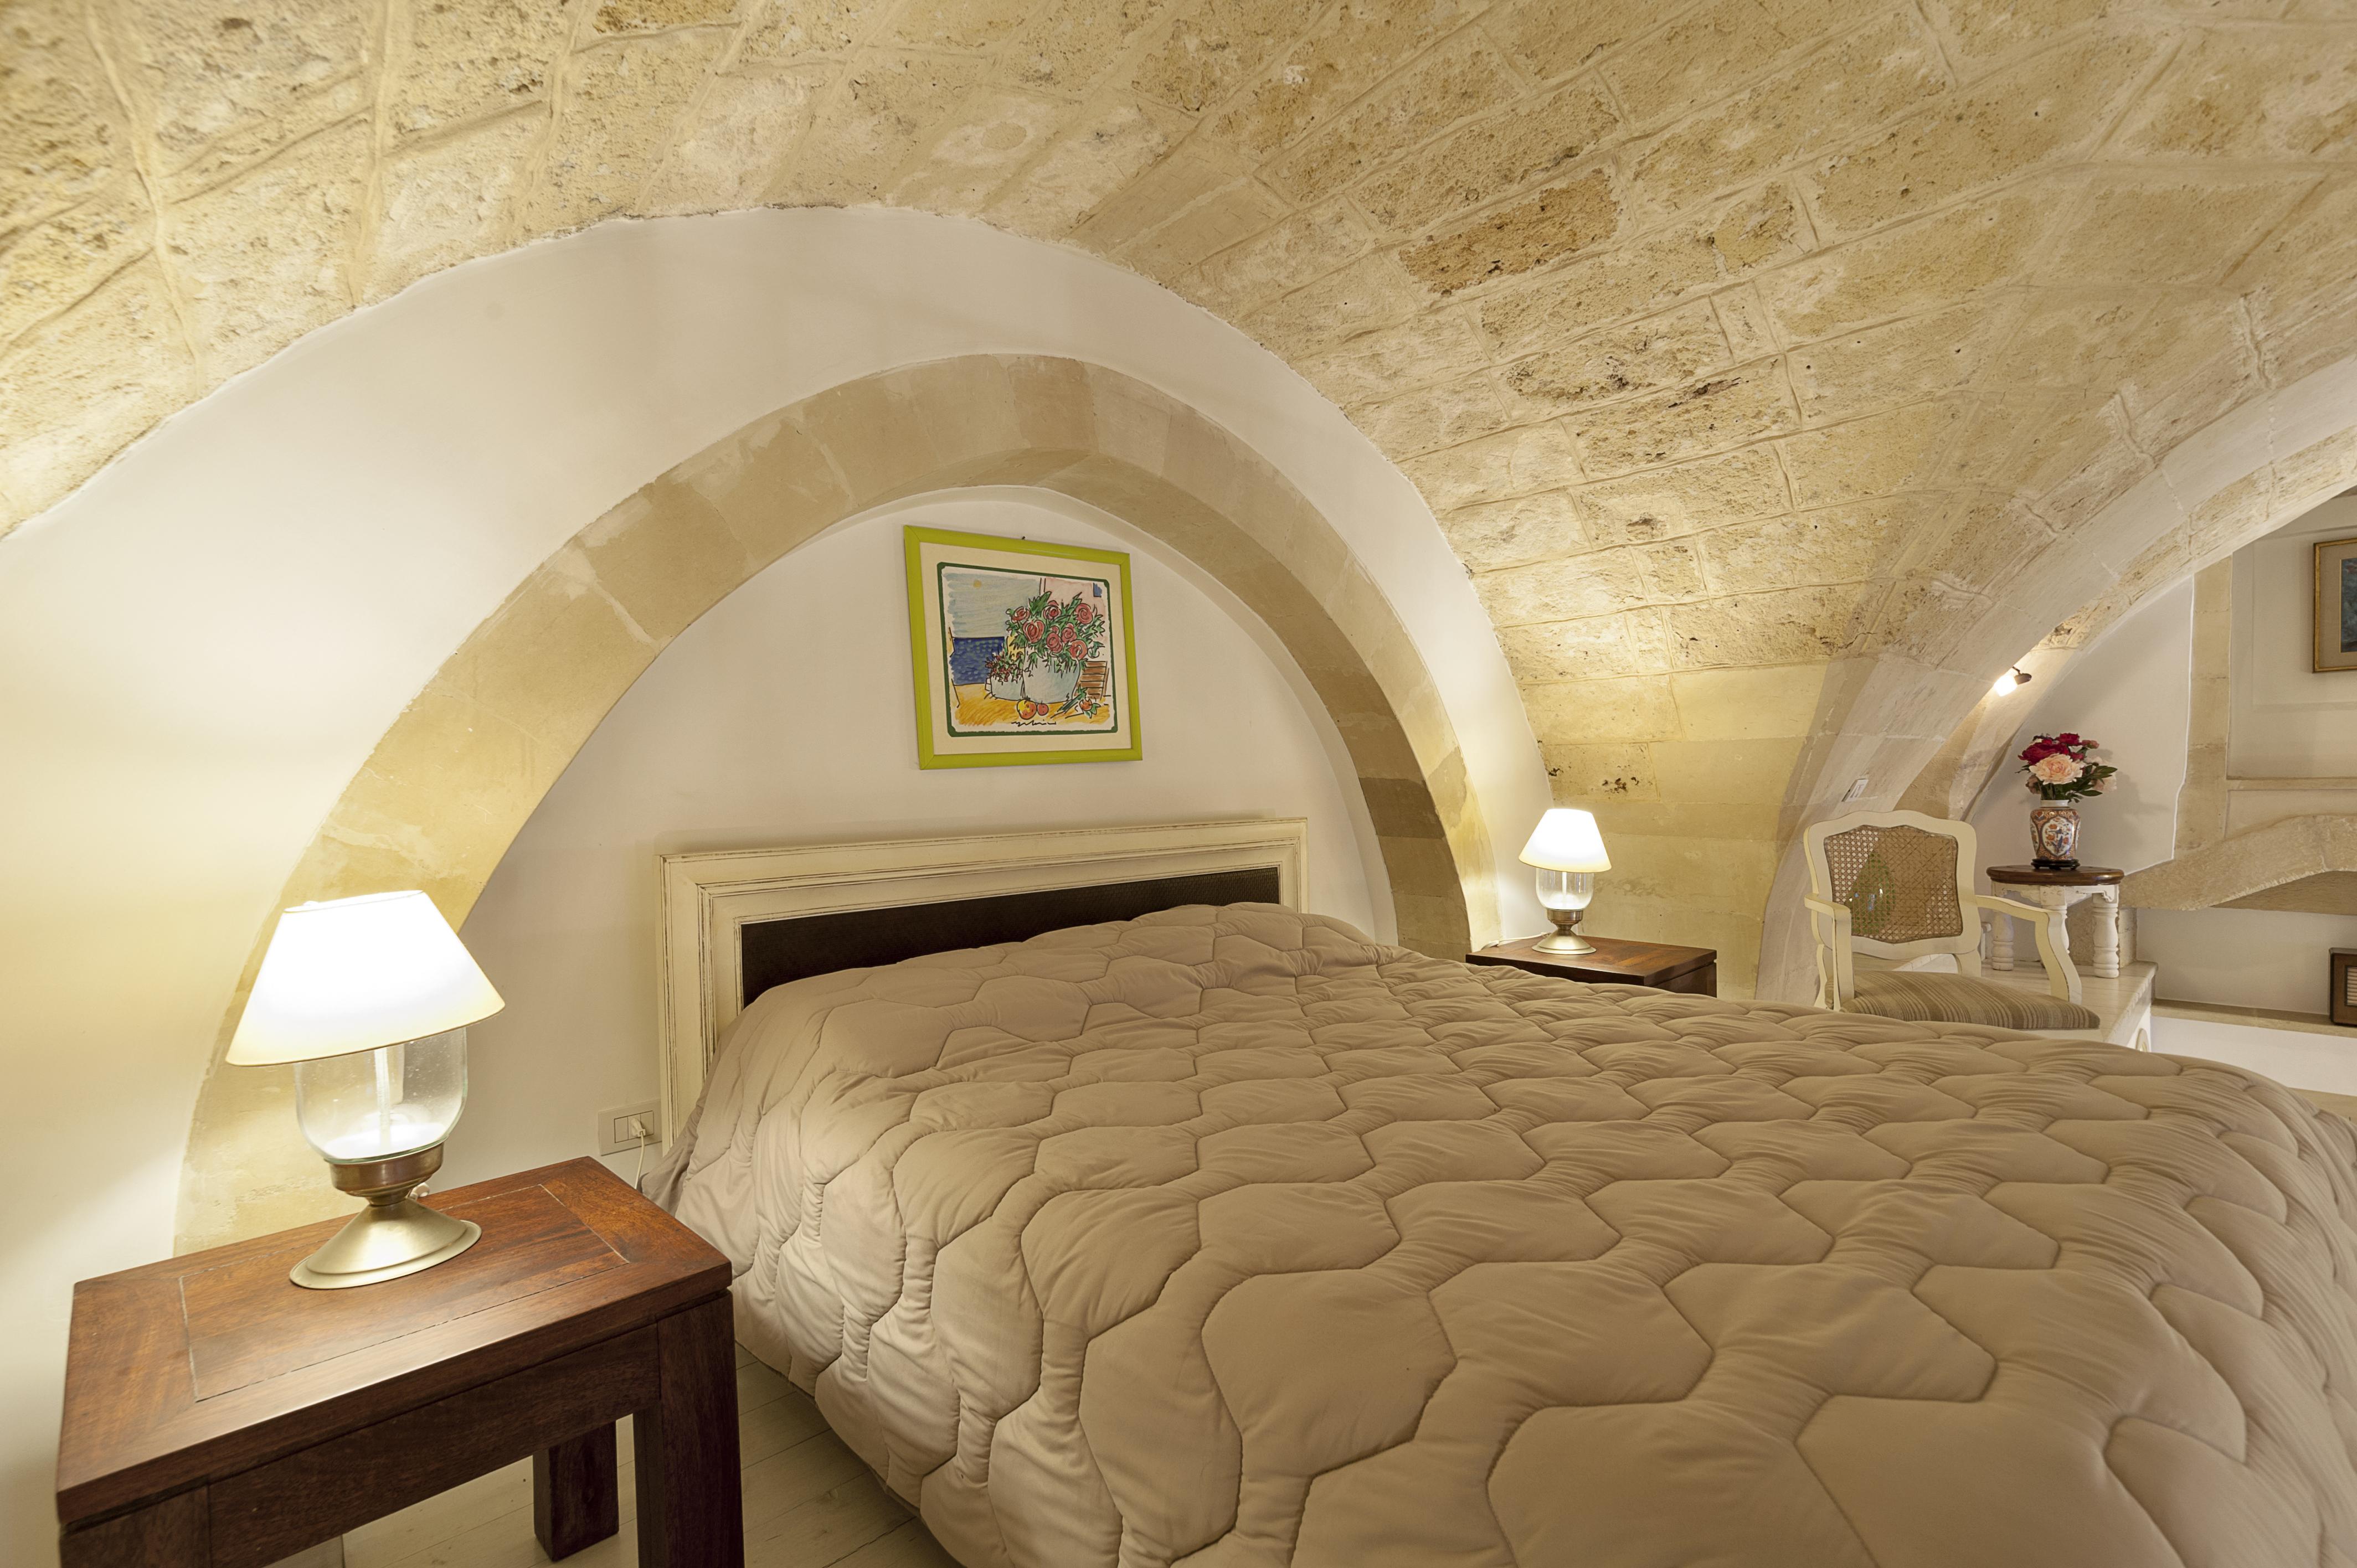 Suite Dei Baroni Antica Dimora 1500 Sitcase Appartamenti In Affitto A Lecce Puglia Italia